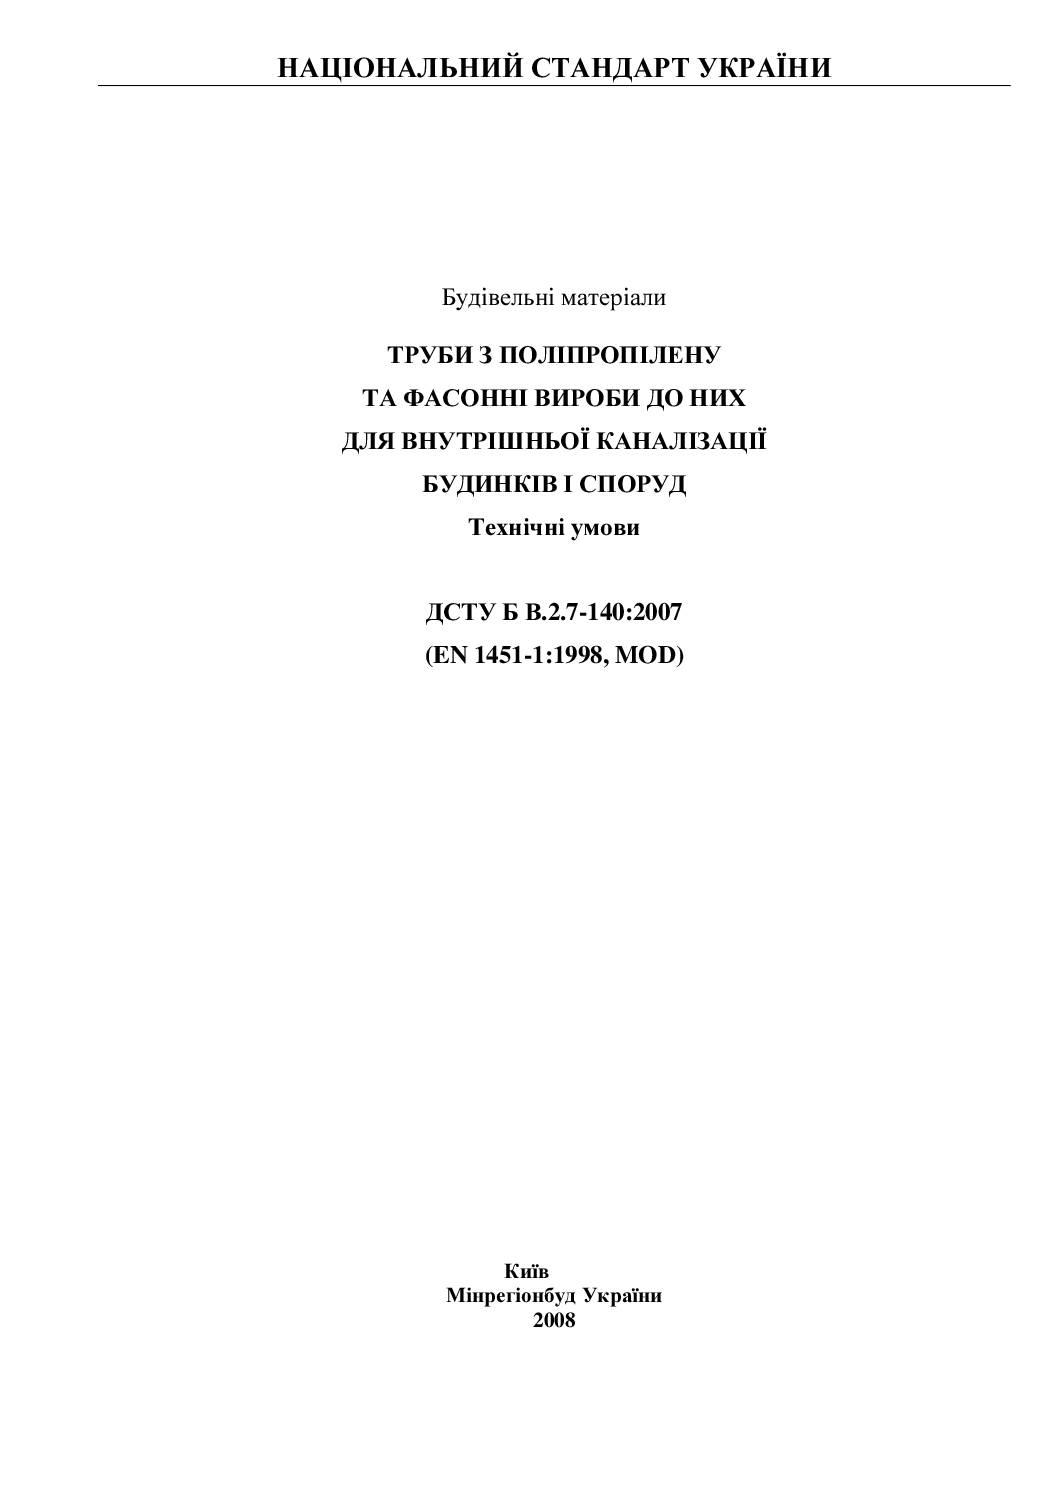 ДСТУ Б В.2.7-140:2007